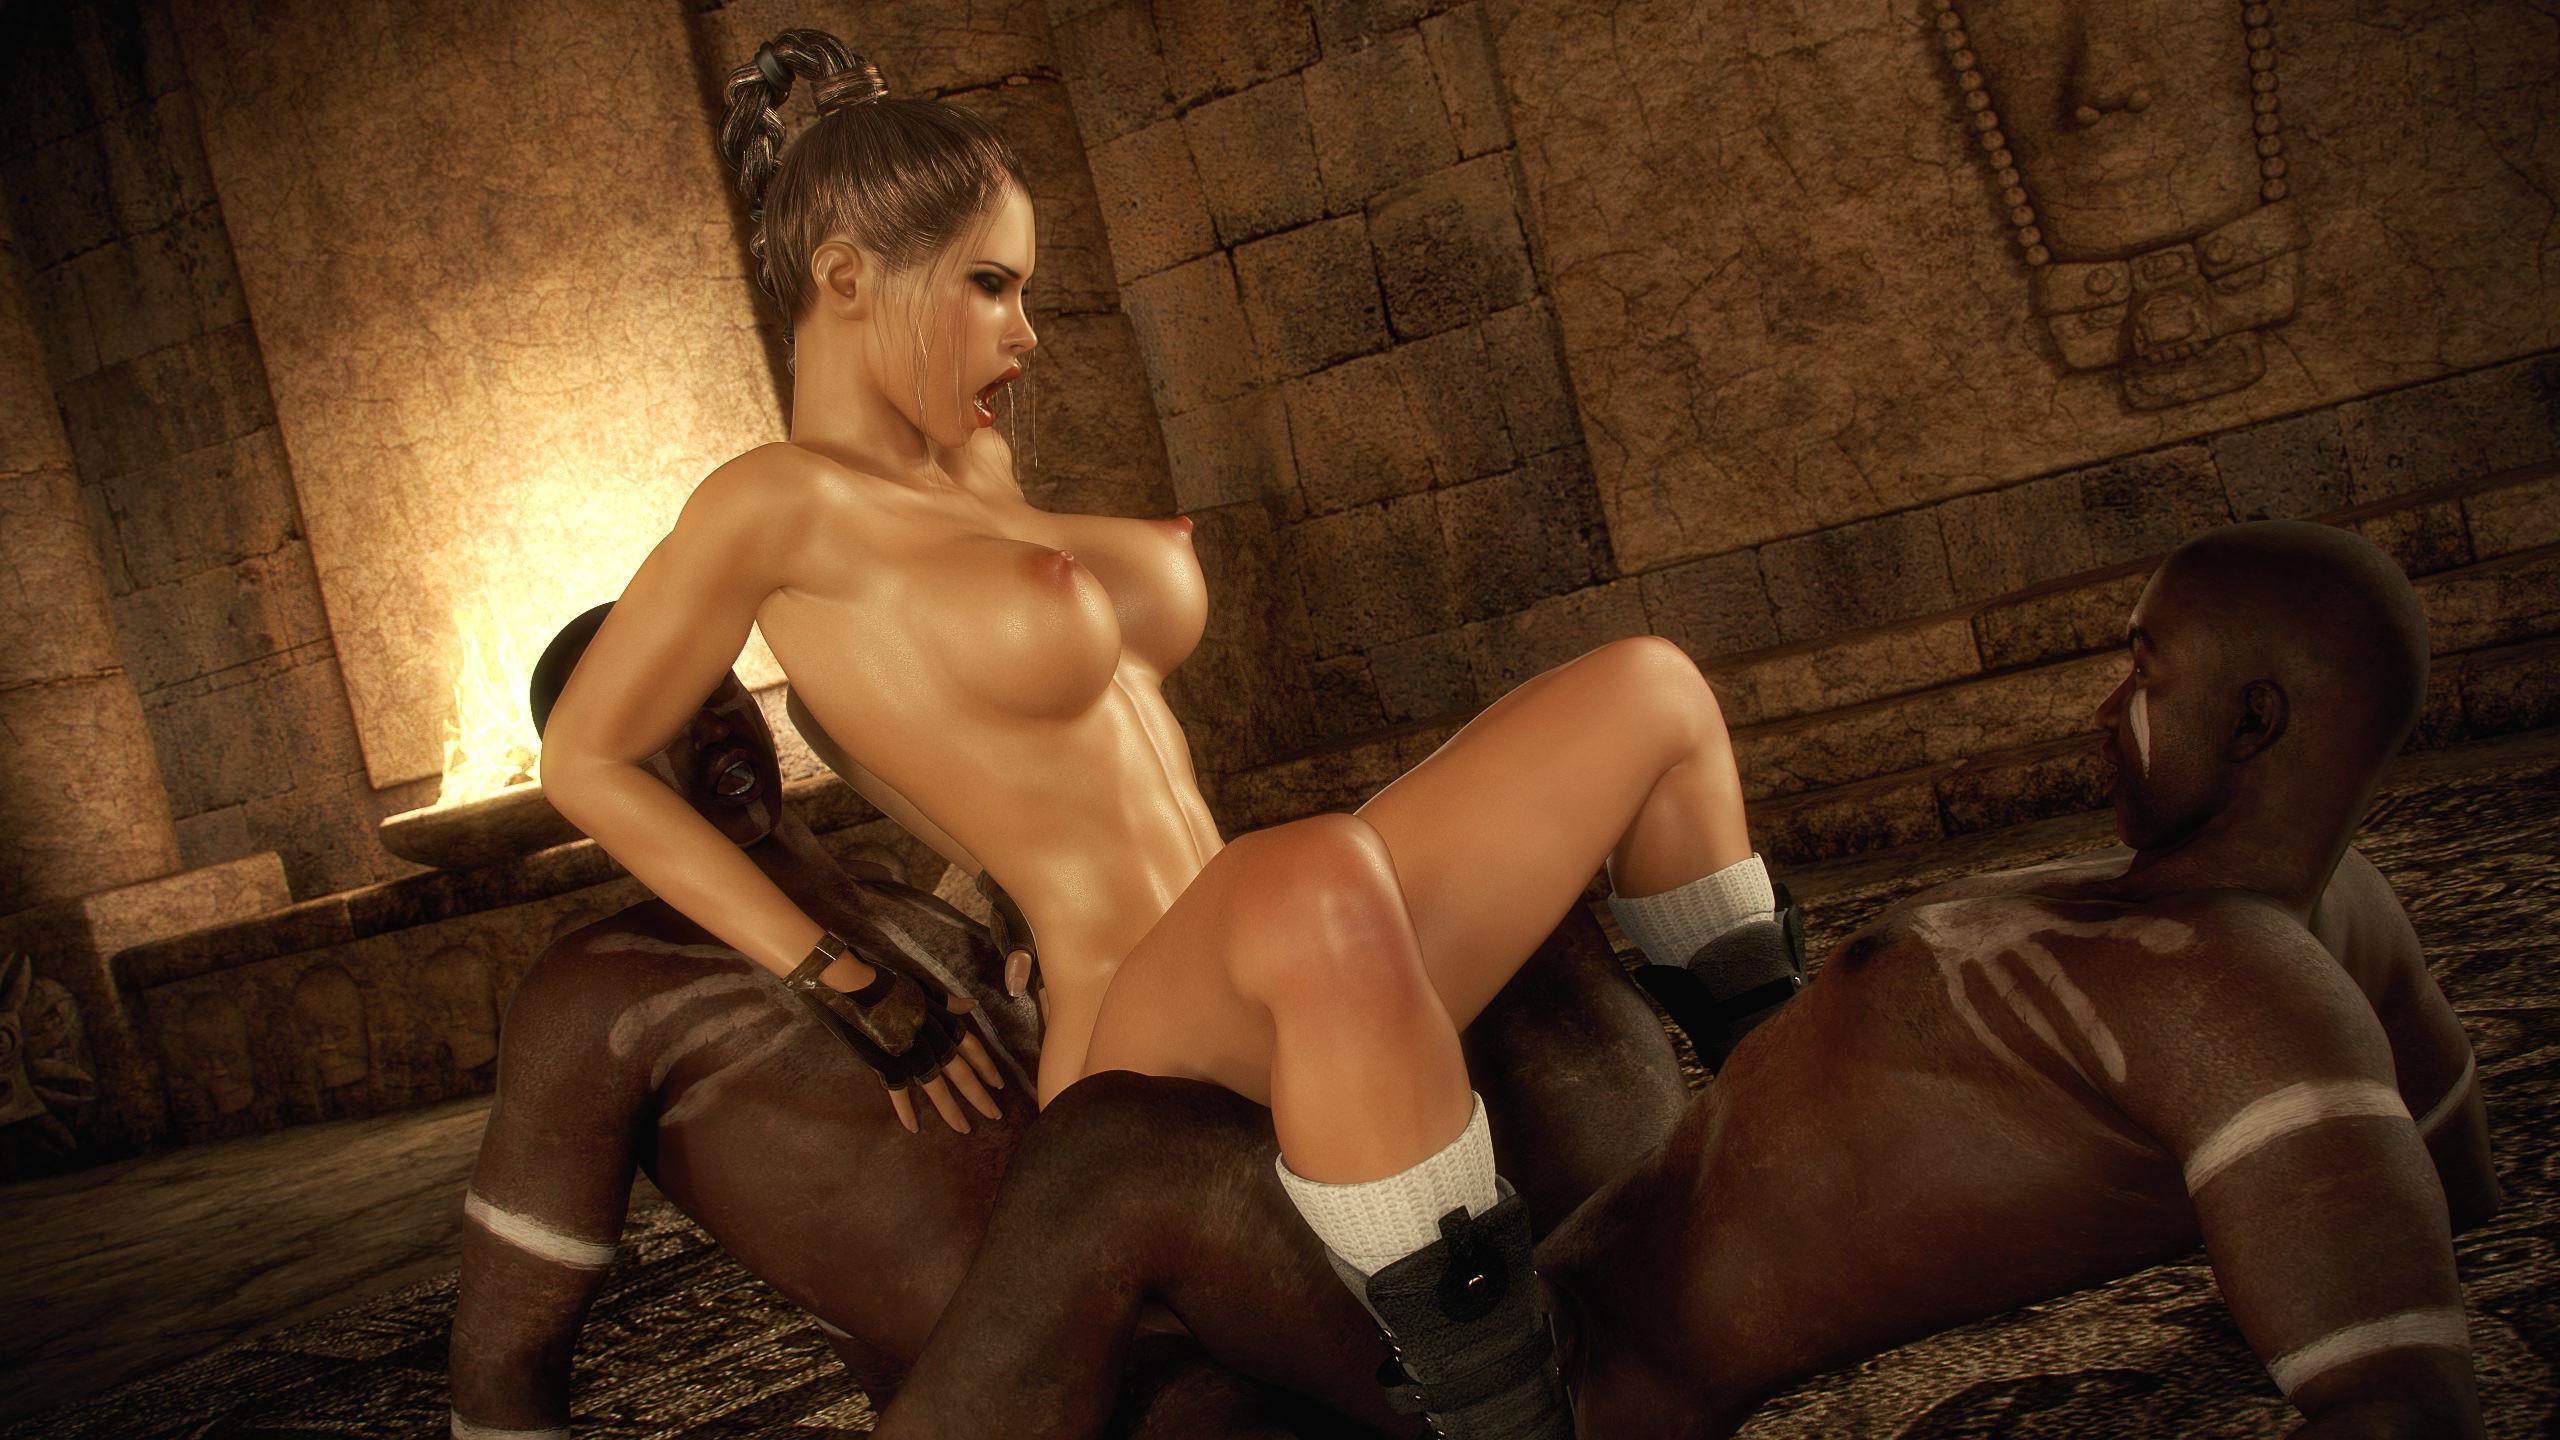 Nude Lara Croft Cosplay